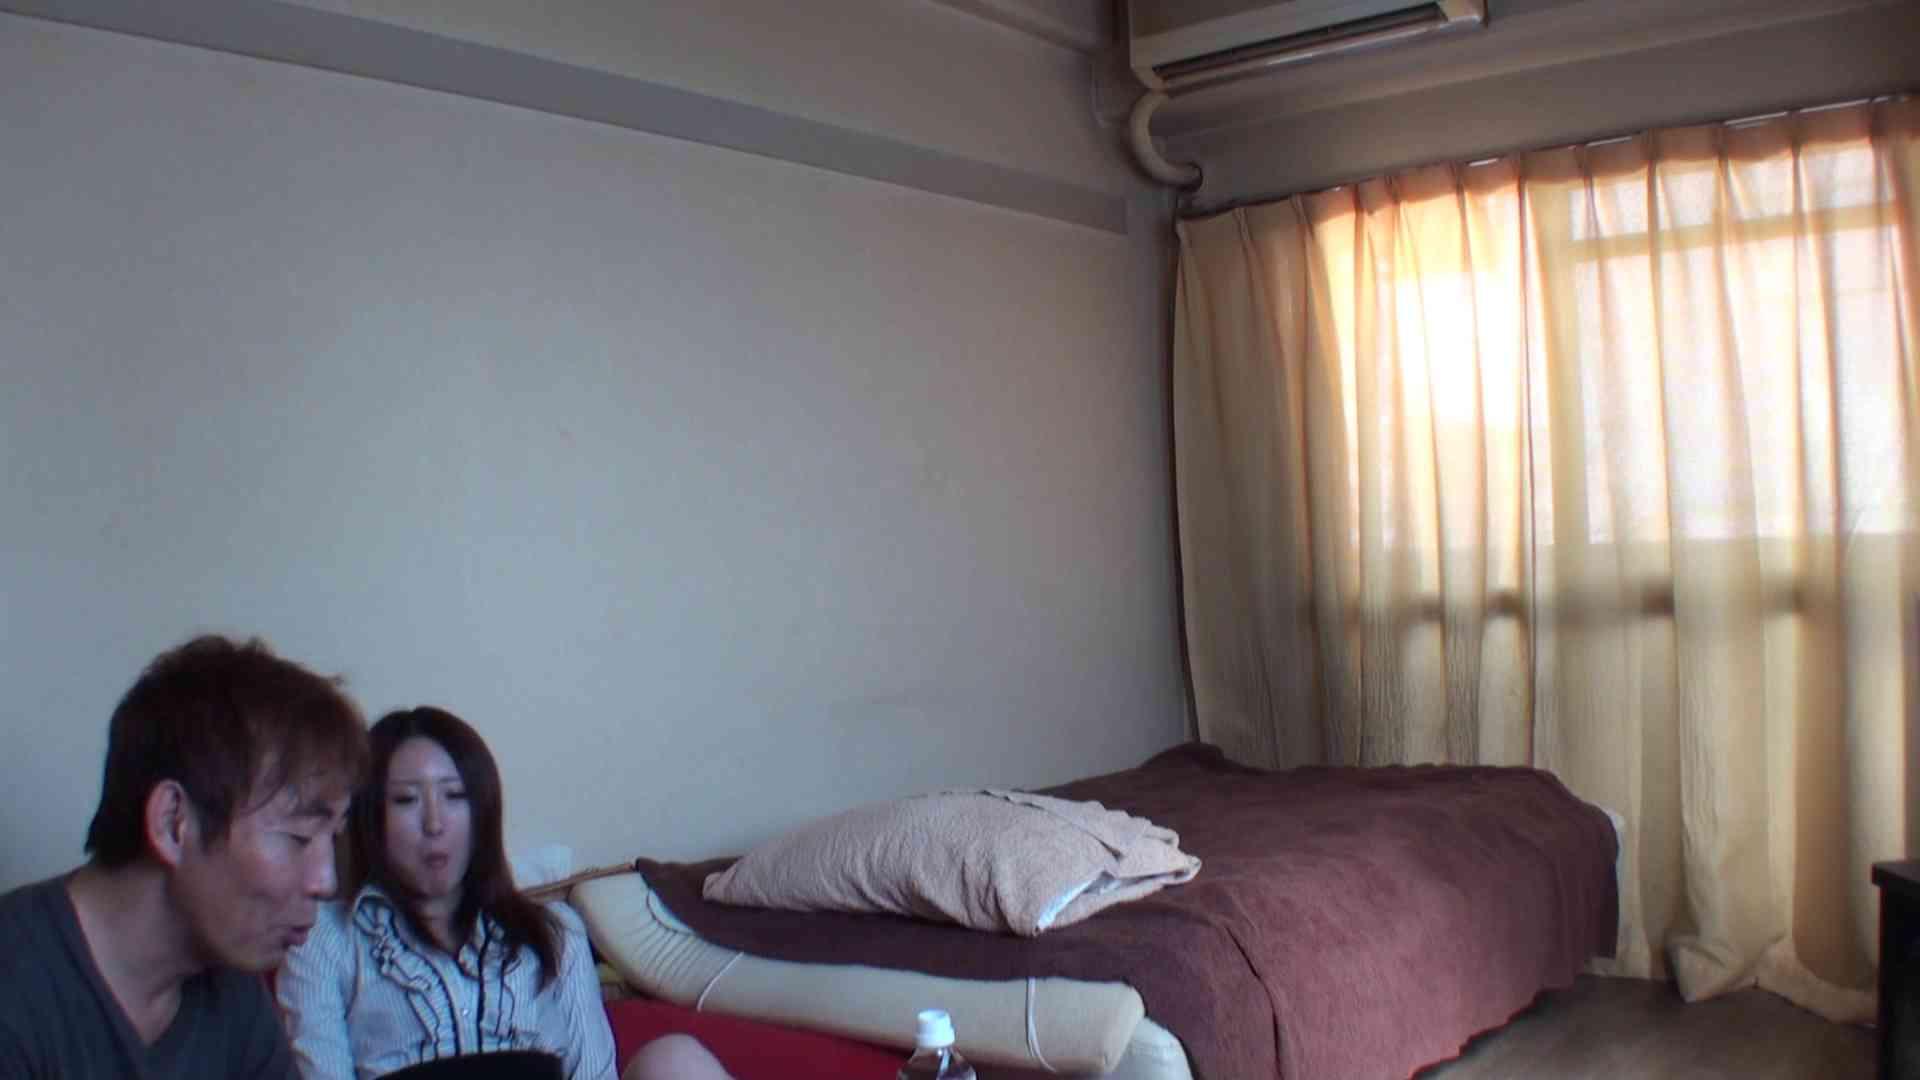 隠撮店の女の子をつまみ喰い~yukivol.4 隠撮 | OLのエッチ  76pic 19